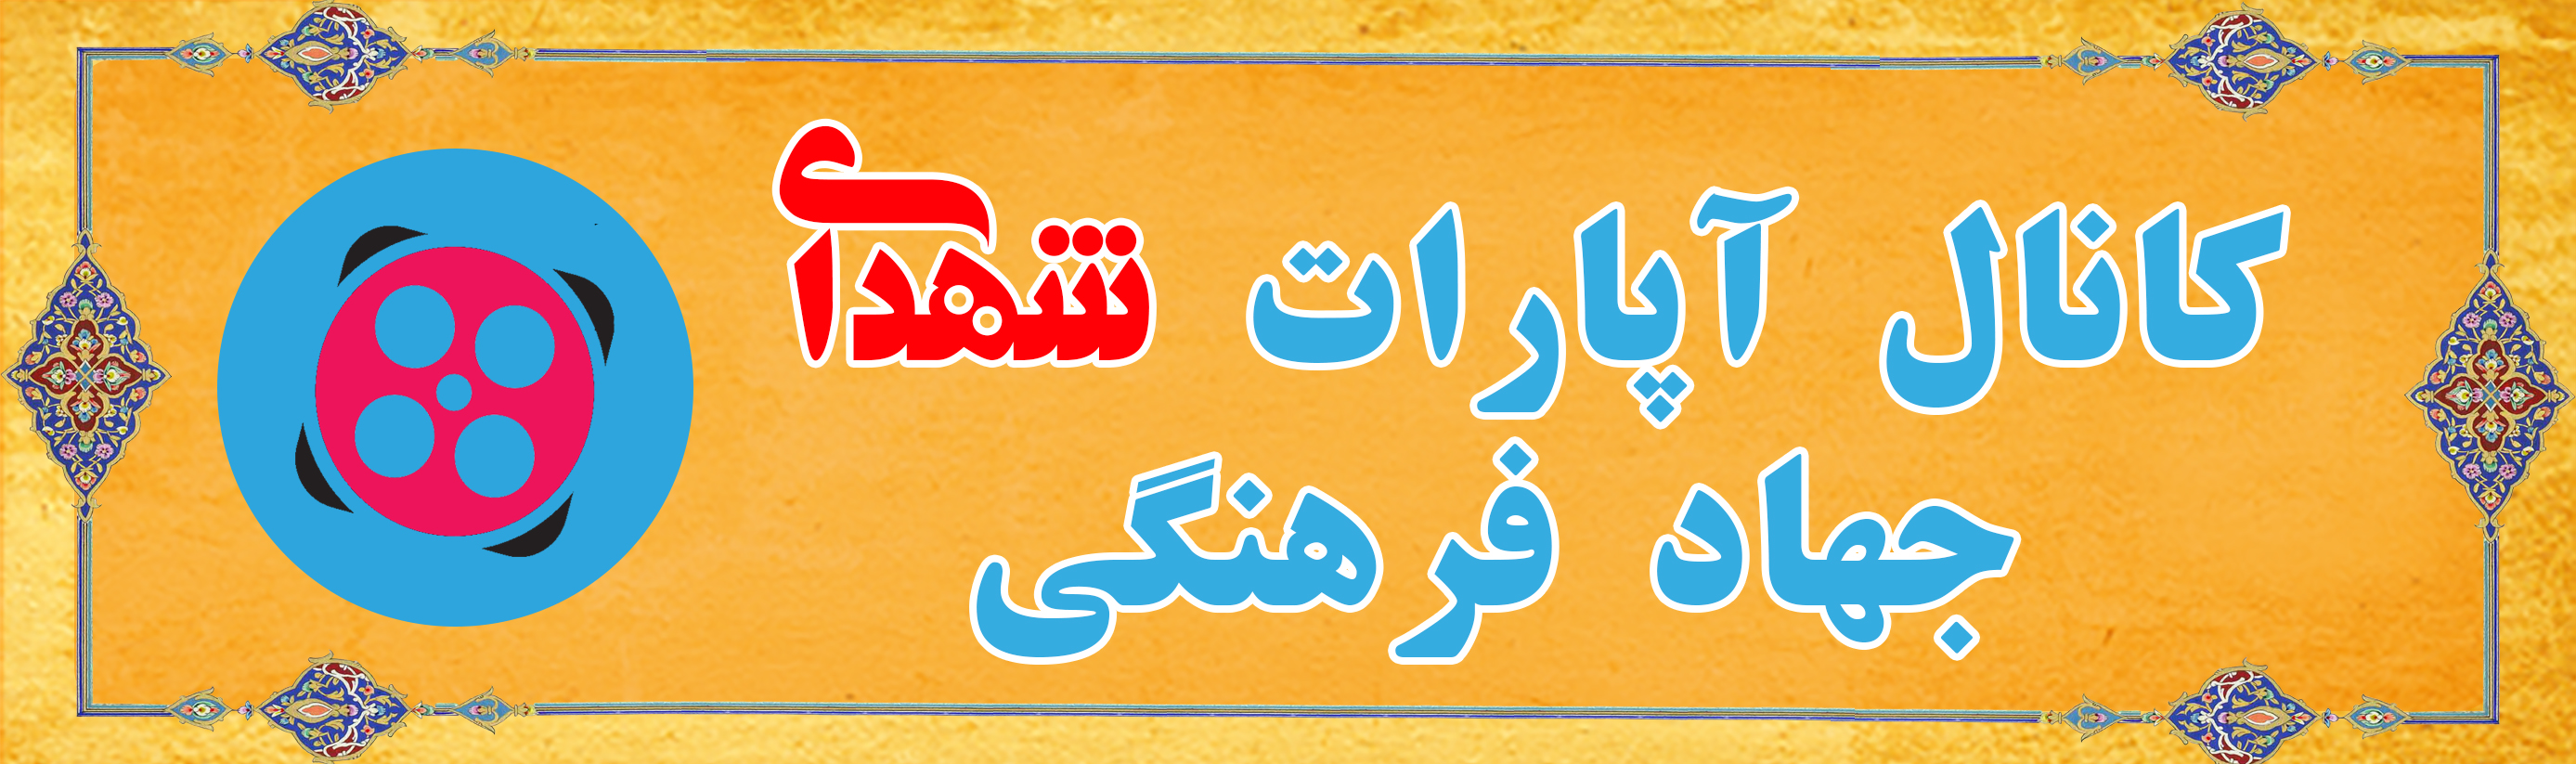 کانال آپارات شهدای جها فرهنگی